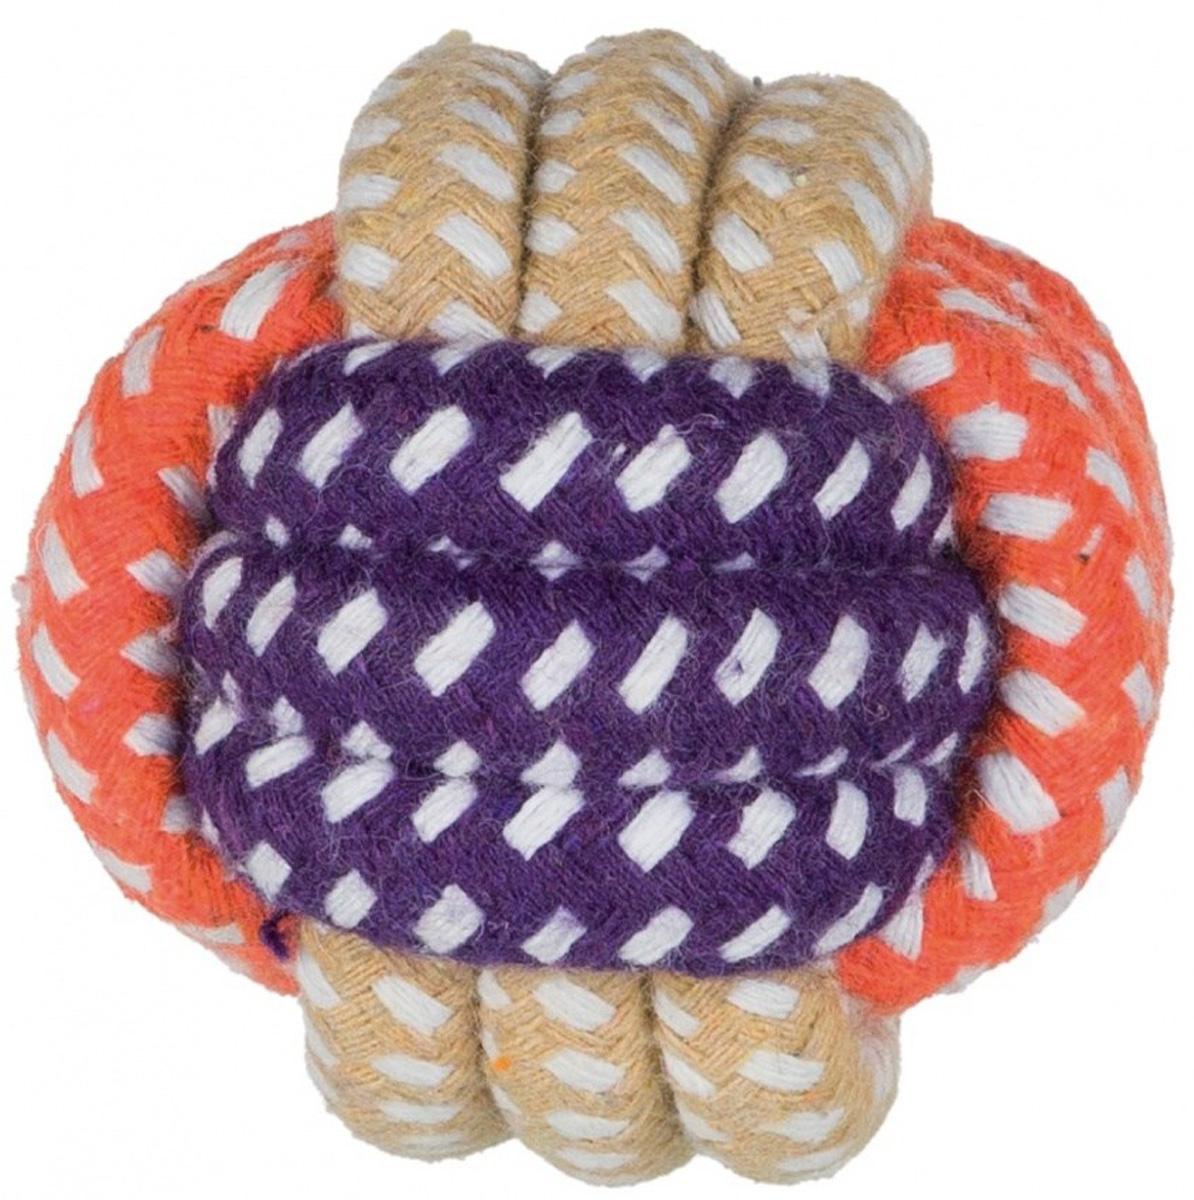 Игрушка для собак Trixie Веревочный шар 6 см (1 шт)